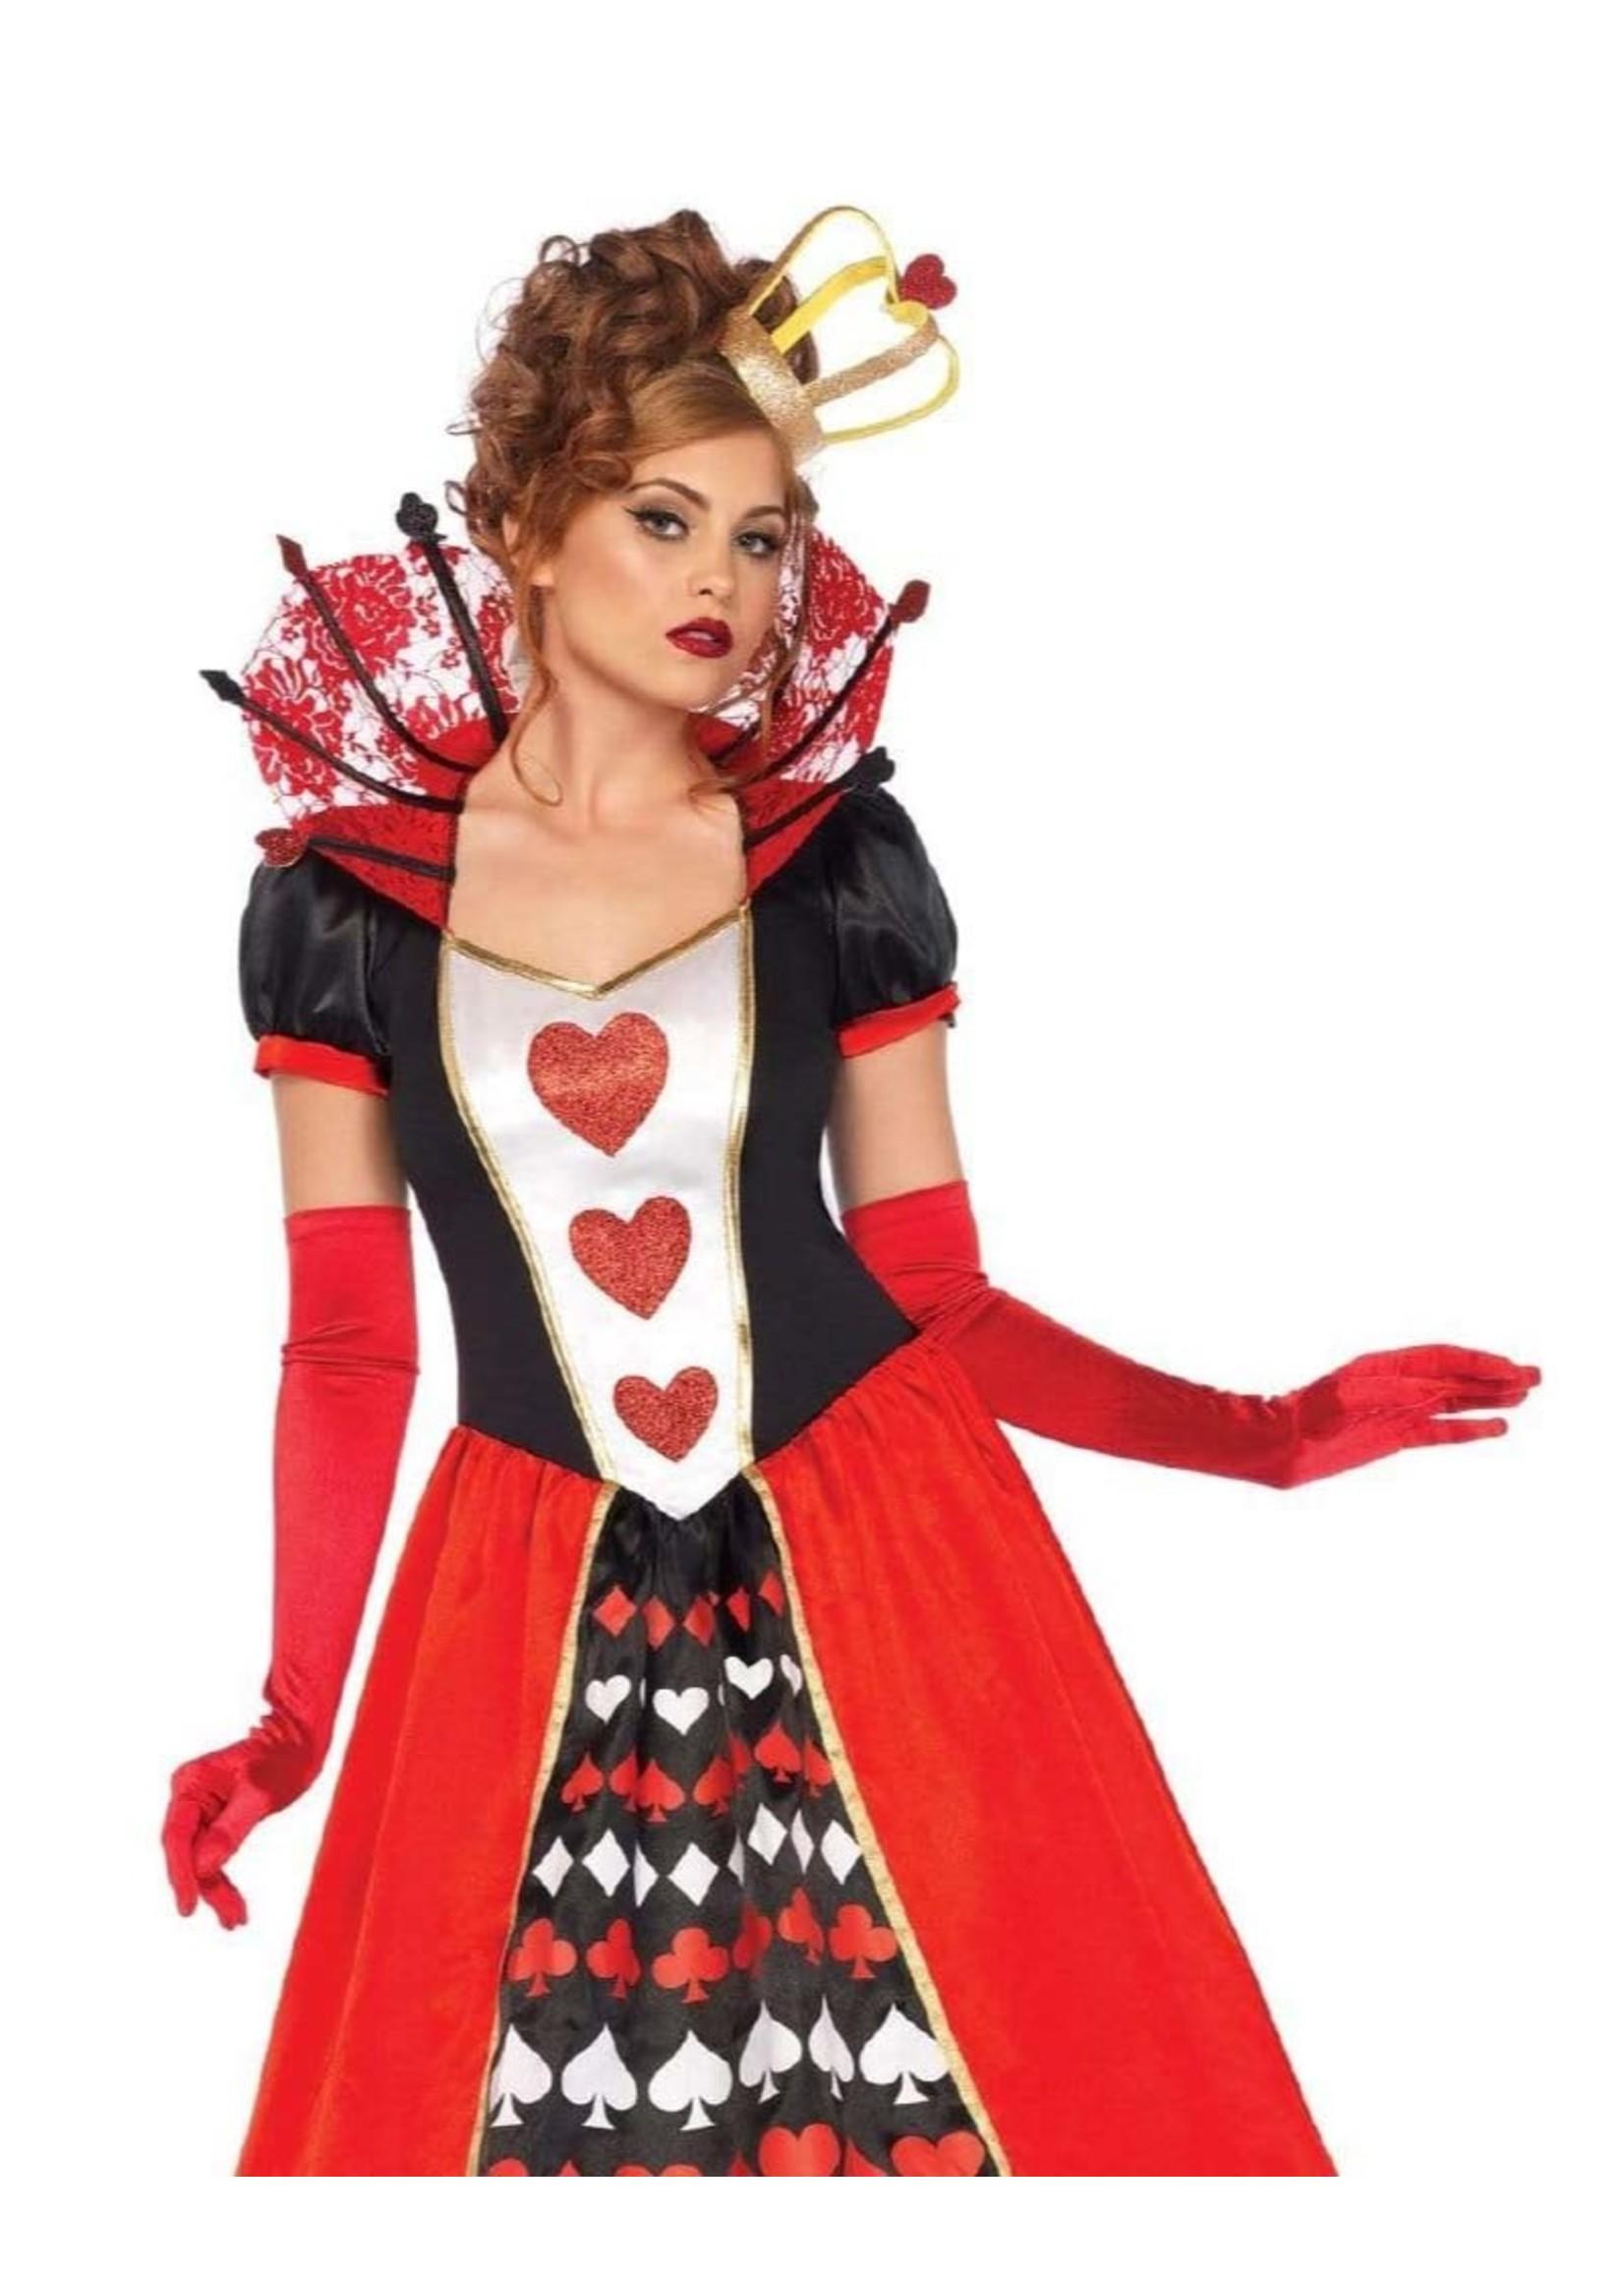 LEG AVENUE Deluxe Queen of Hearts - Women's